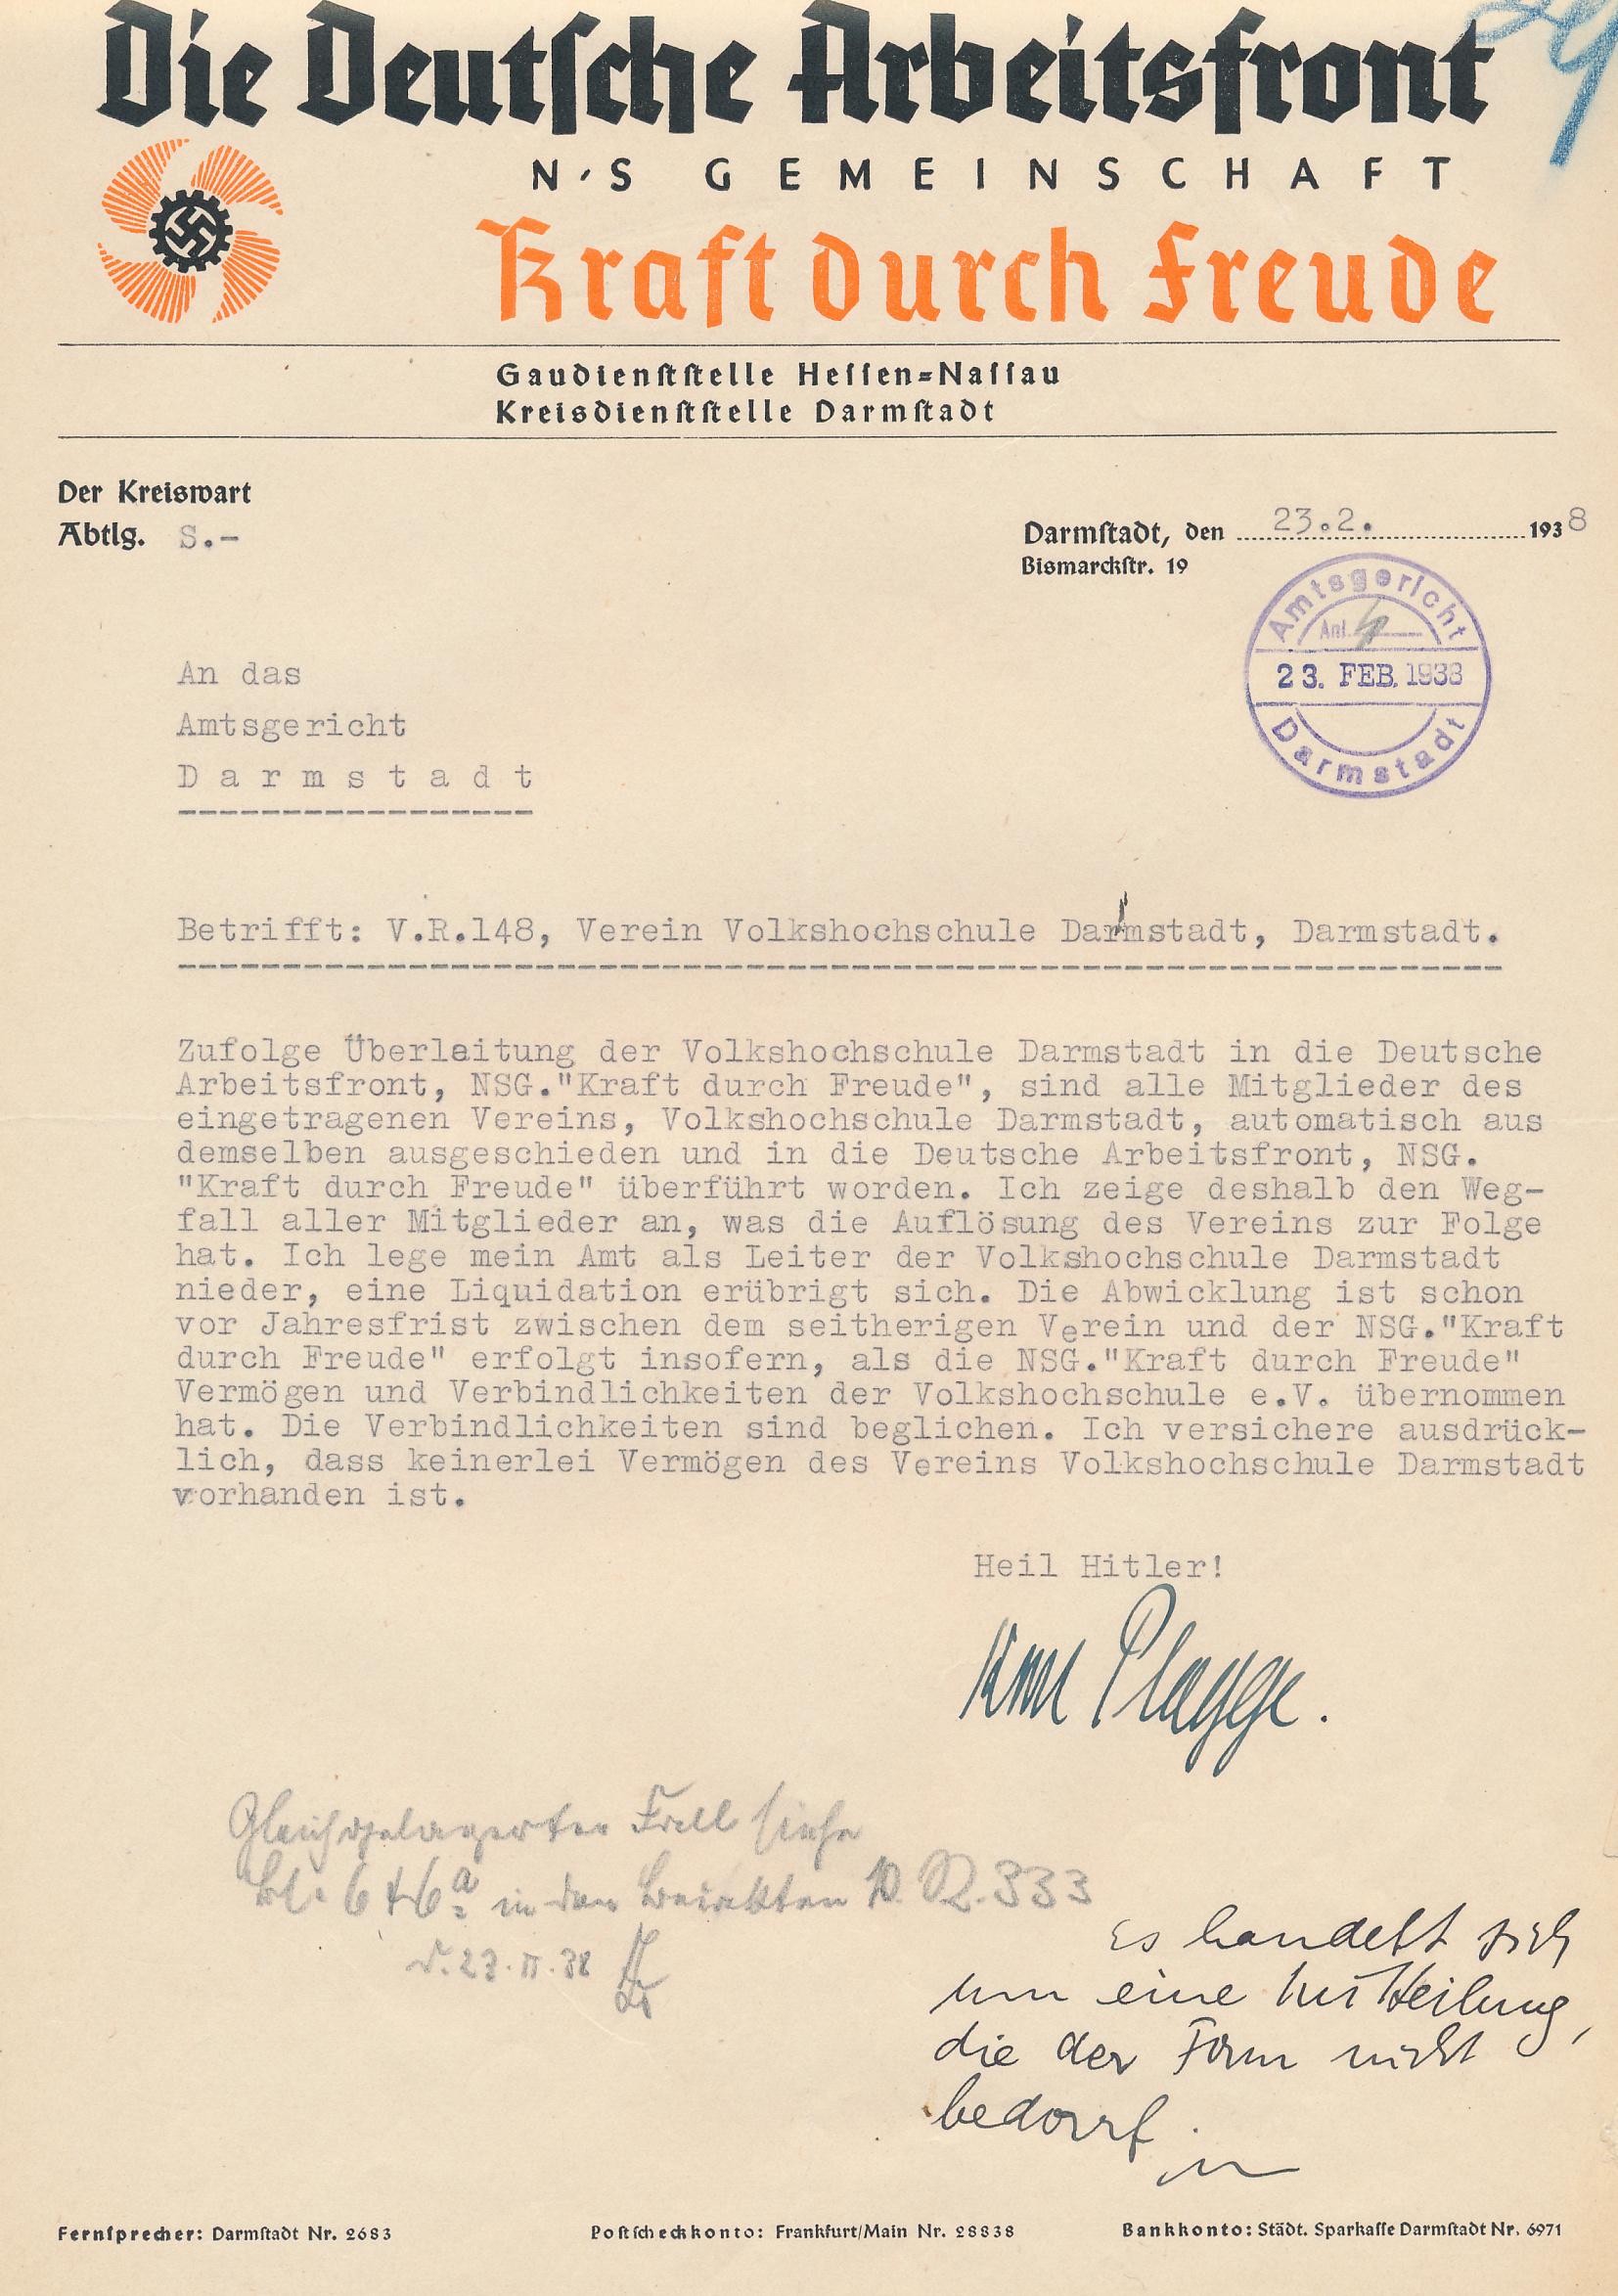 """Karl Plagge teilt mit offizellem Briefpapier der NS-Gemeinschaft """"Kraft durch Freude"""" die Auflösung des Vereins """"Volkshochschule Darmstadt"""" mit. Ein handschriftlicher Vermerk am Rand stellt fest: """"Es handelt sich um eine Mitteilung, die der Form nicht bedarf."""""""